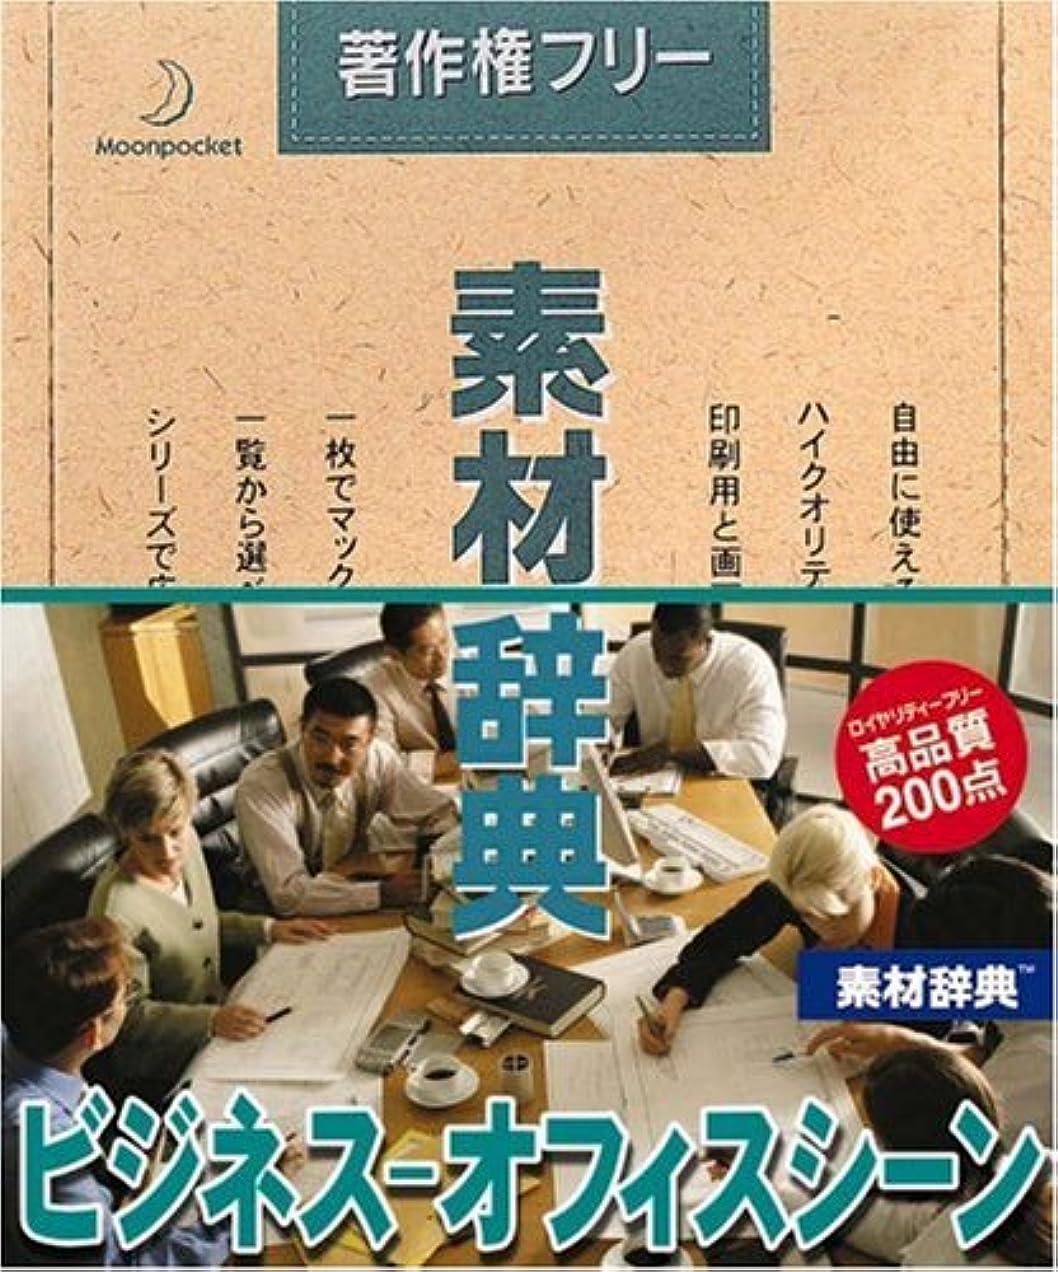 効果的に後退するメンター素材辞典 Vol.84 ビジネス-オフィスシーン編